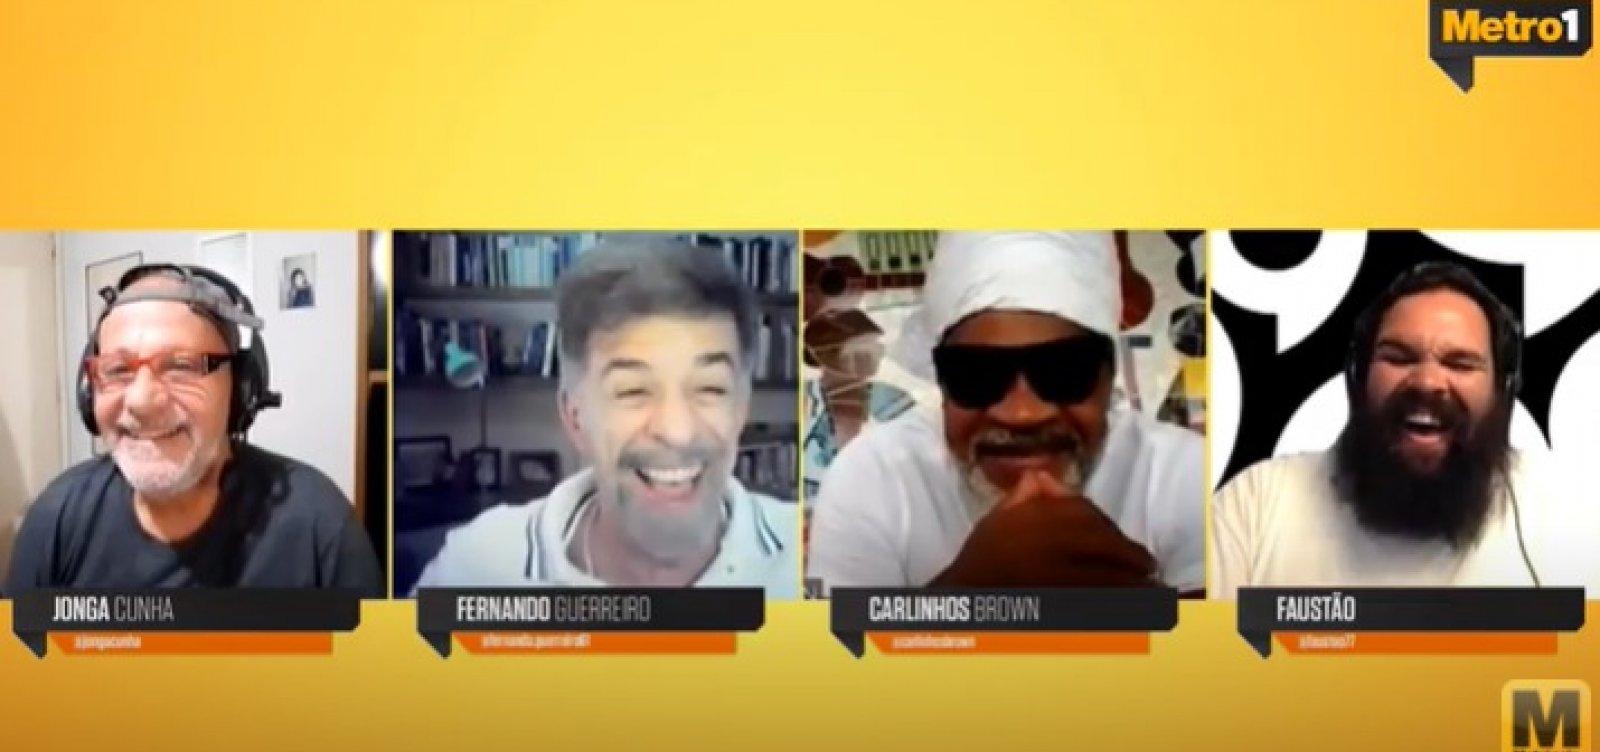 'Vamos nos reinventar, achar uma forma de fazer', diz Brown sobre o Carnaval pós pandemia